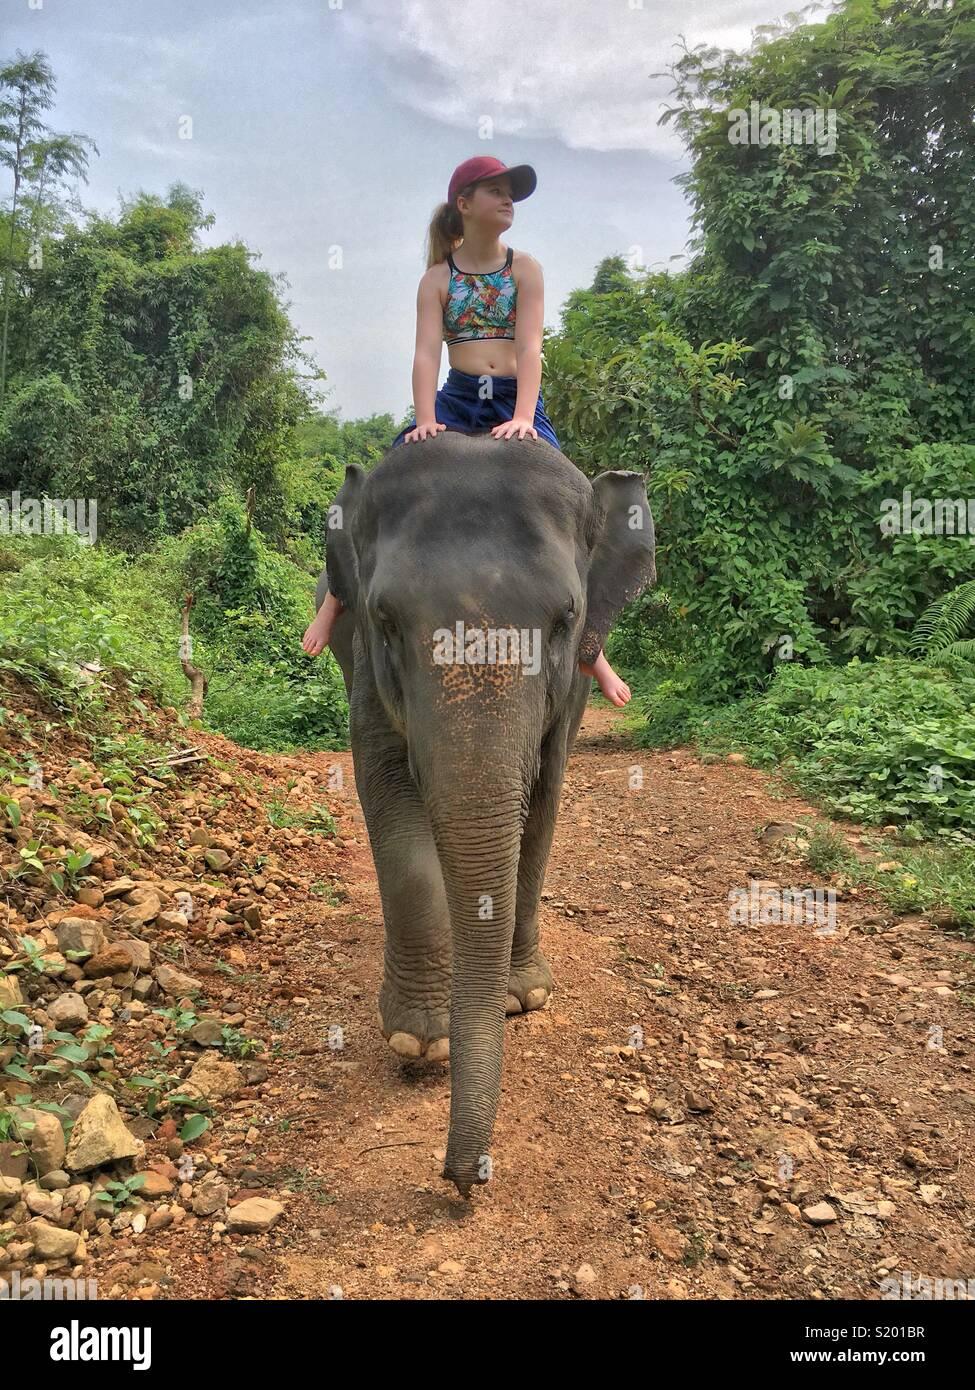 Jeune fille à cheval sur un éléphant - avant Photo Stock